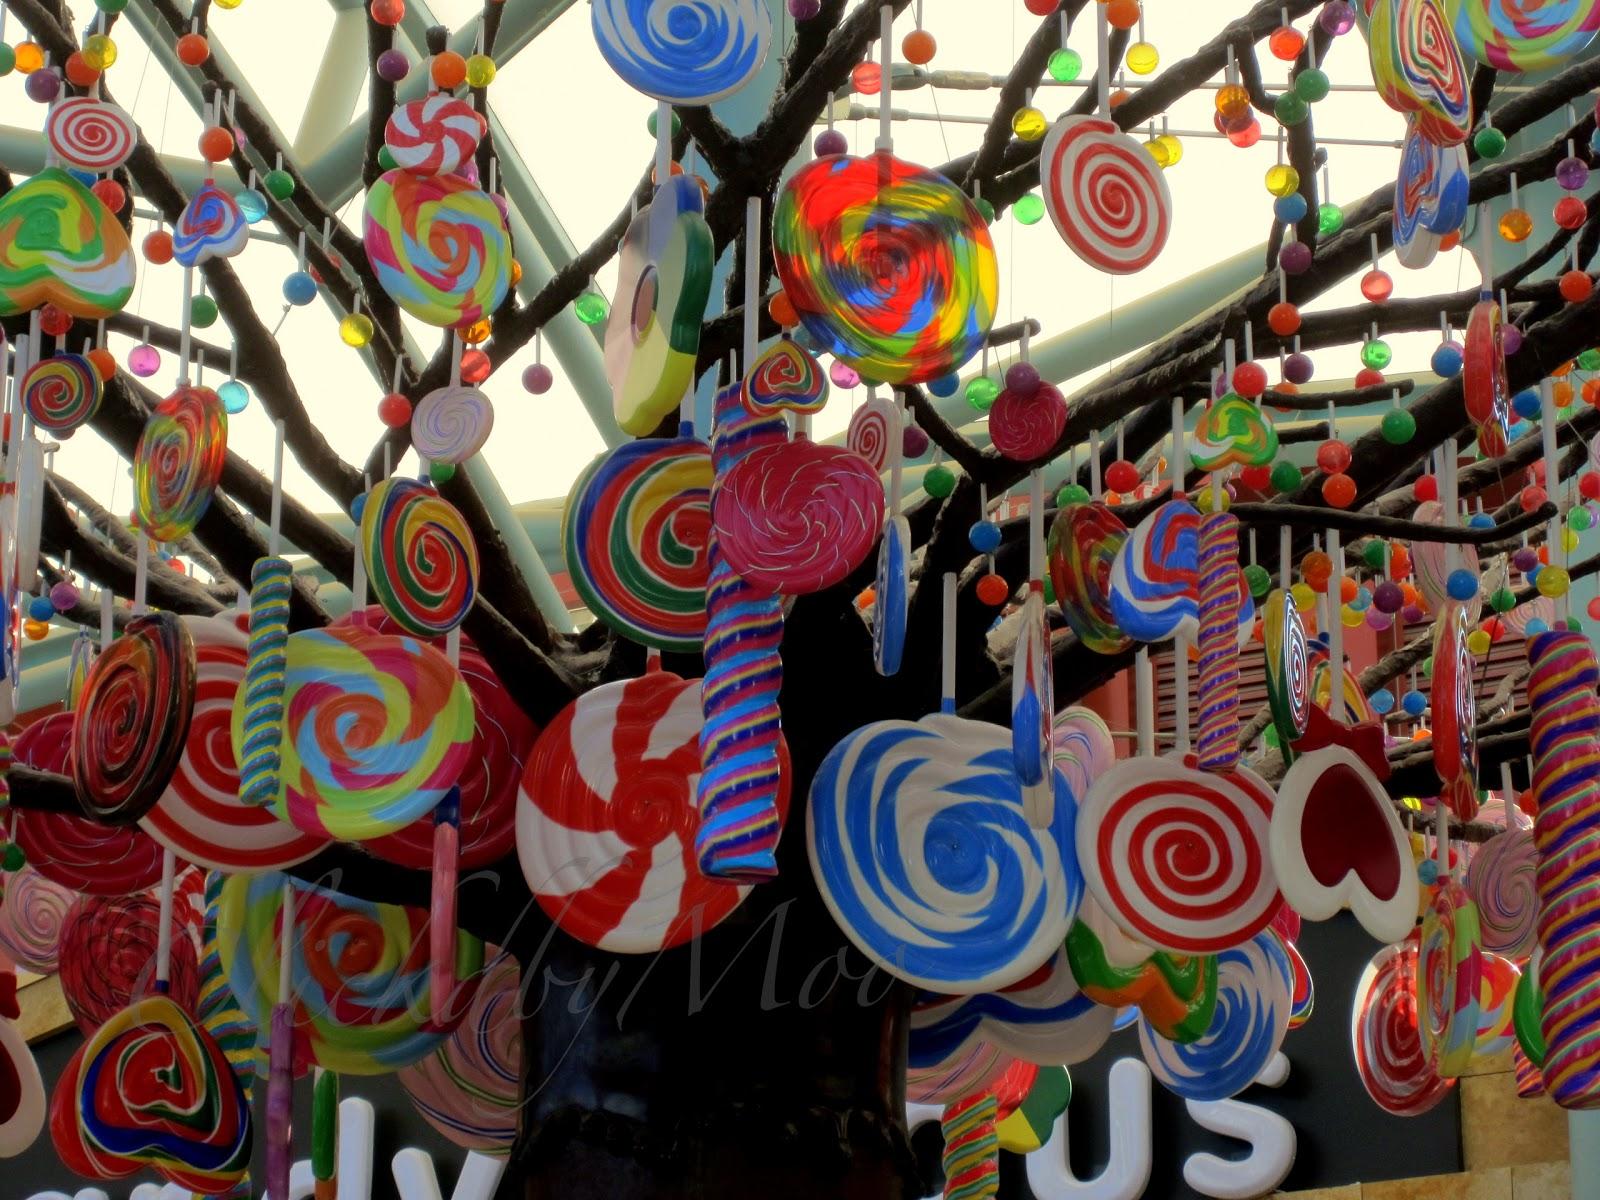 Willy Wonka's Tree